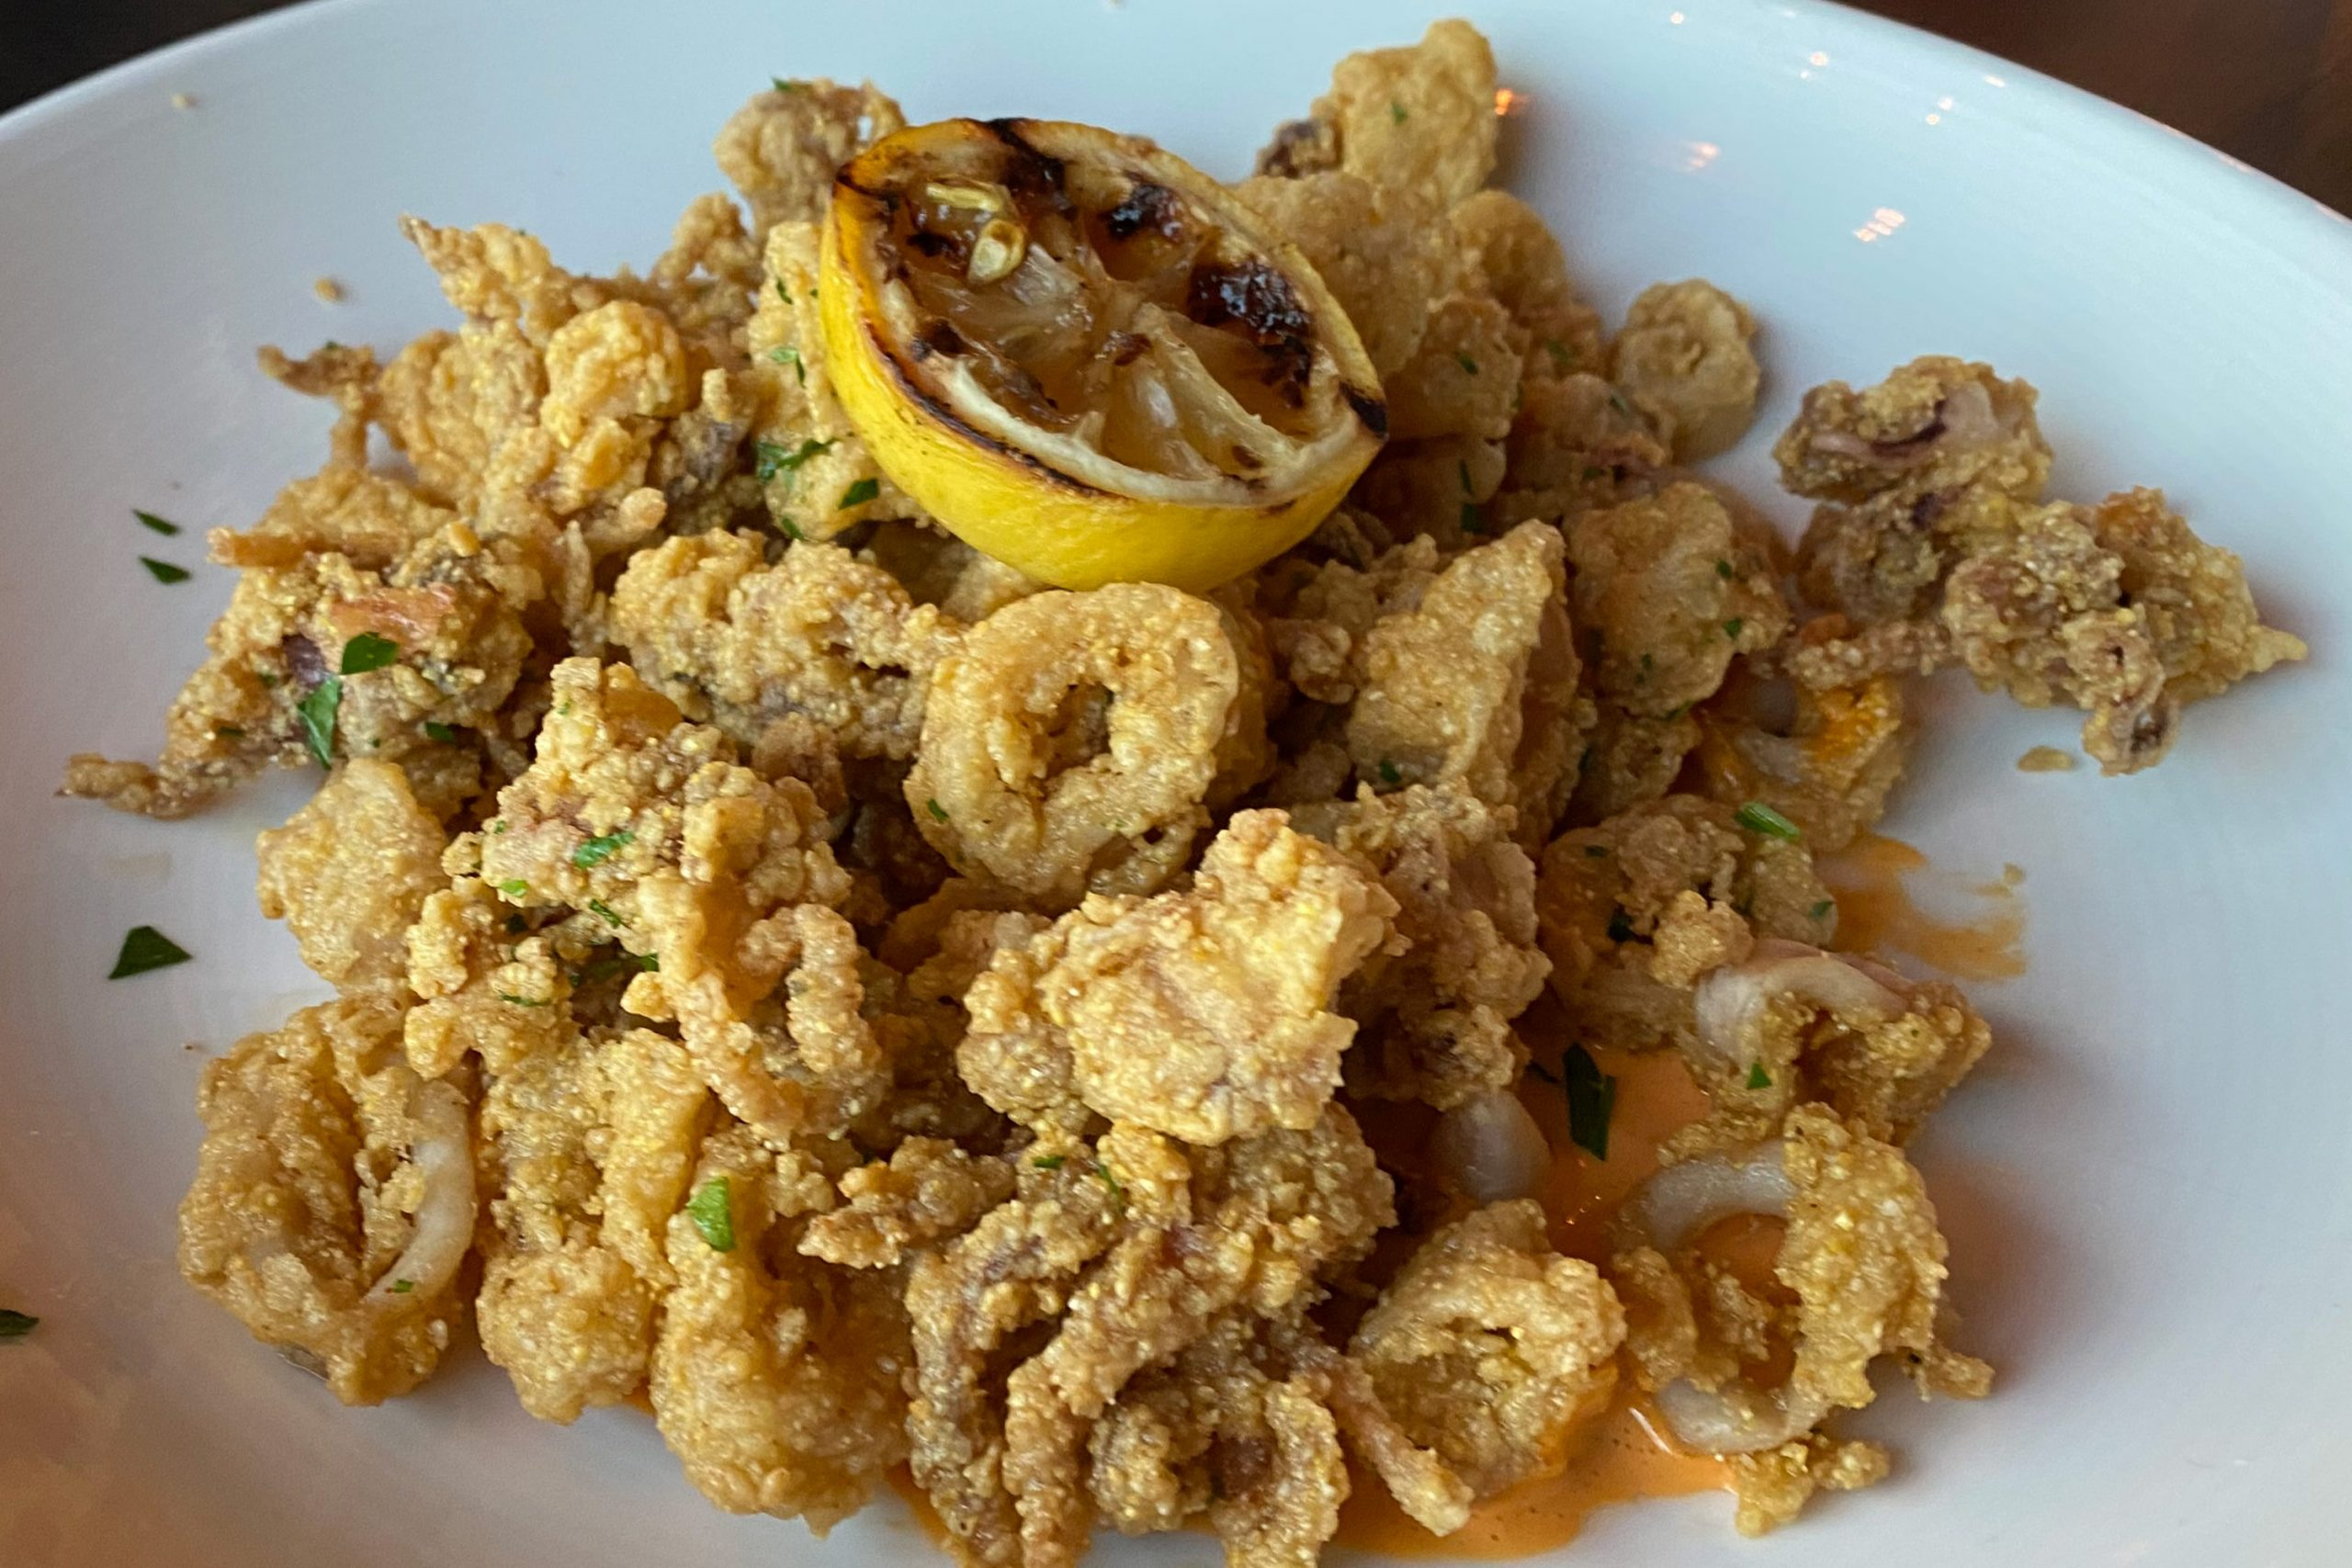 Crispy Calamari appetizer at Taphouse Kitchen Phoenix. Photo by Matthew Johnson, PHOENIX